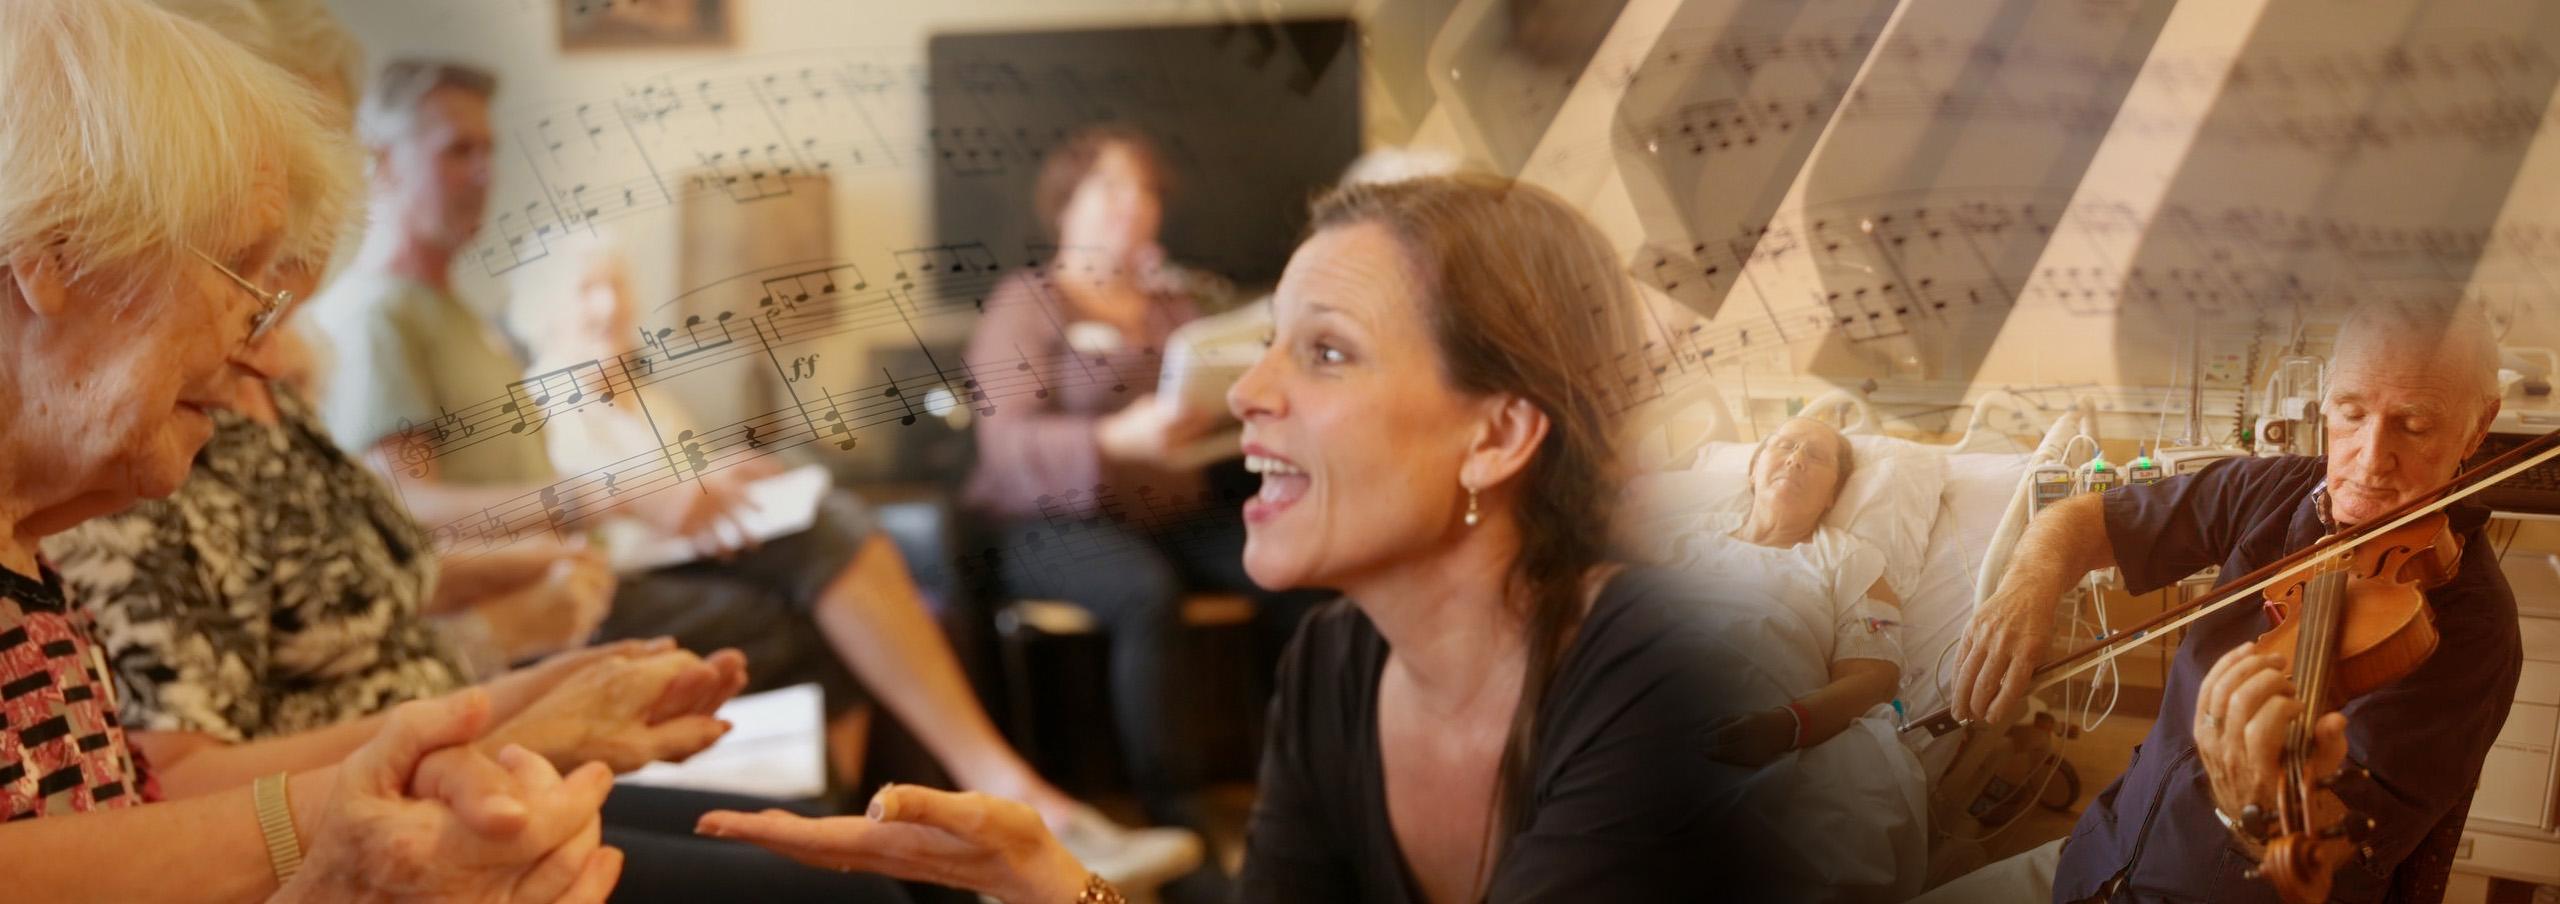 Foto van website 'Muziek als Medicijn'